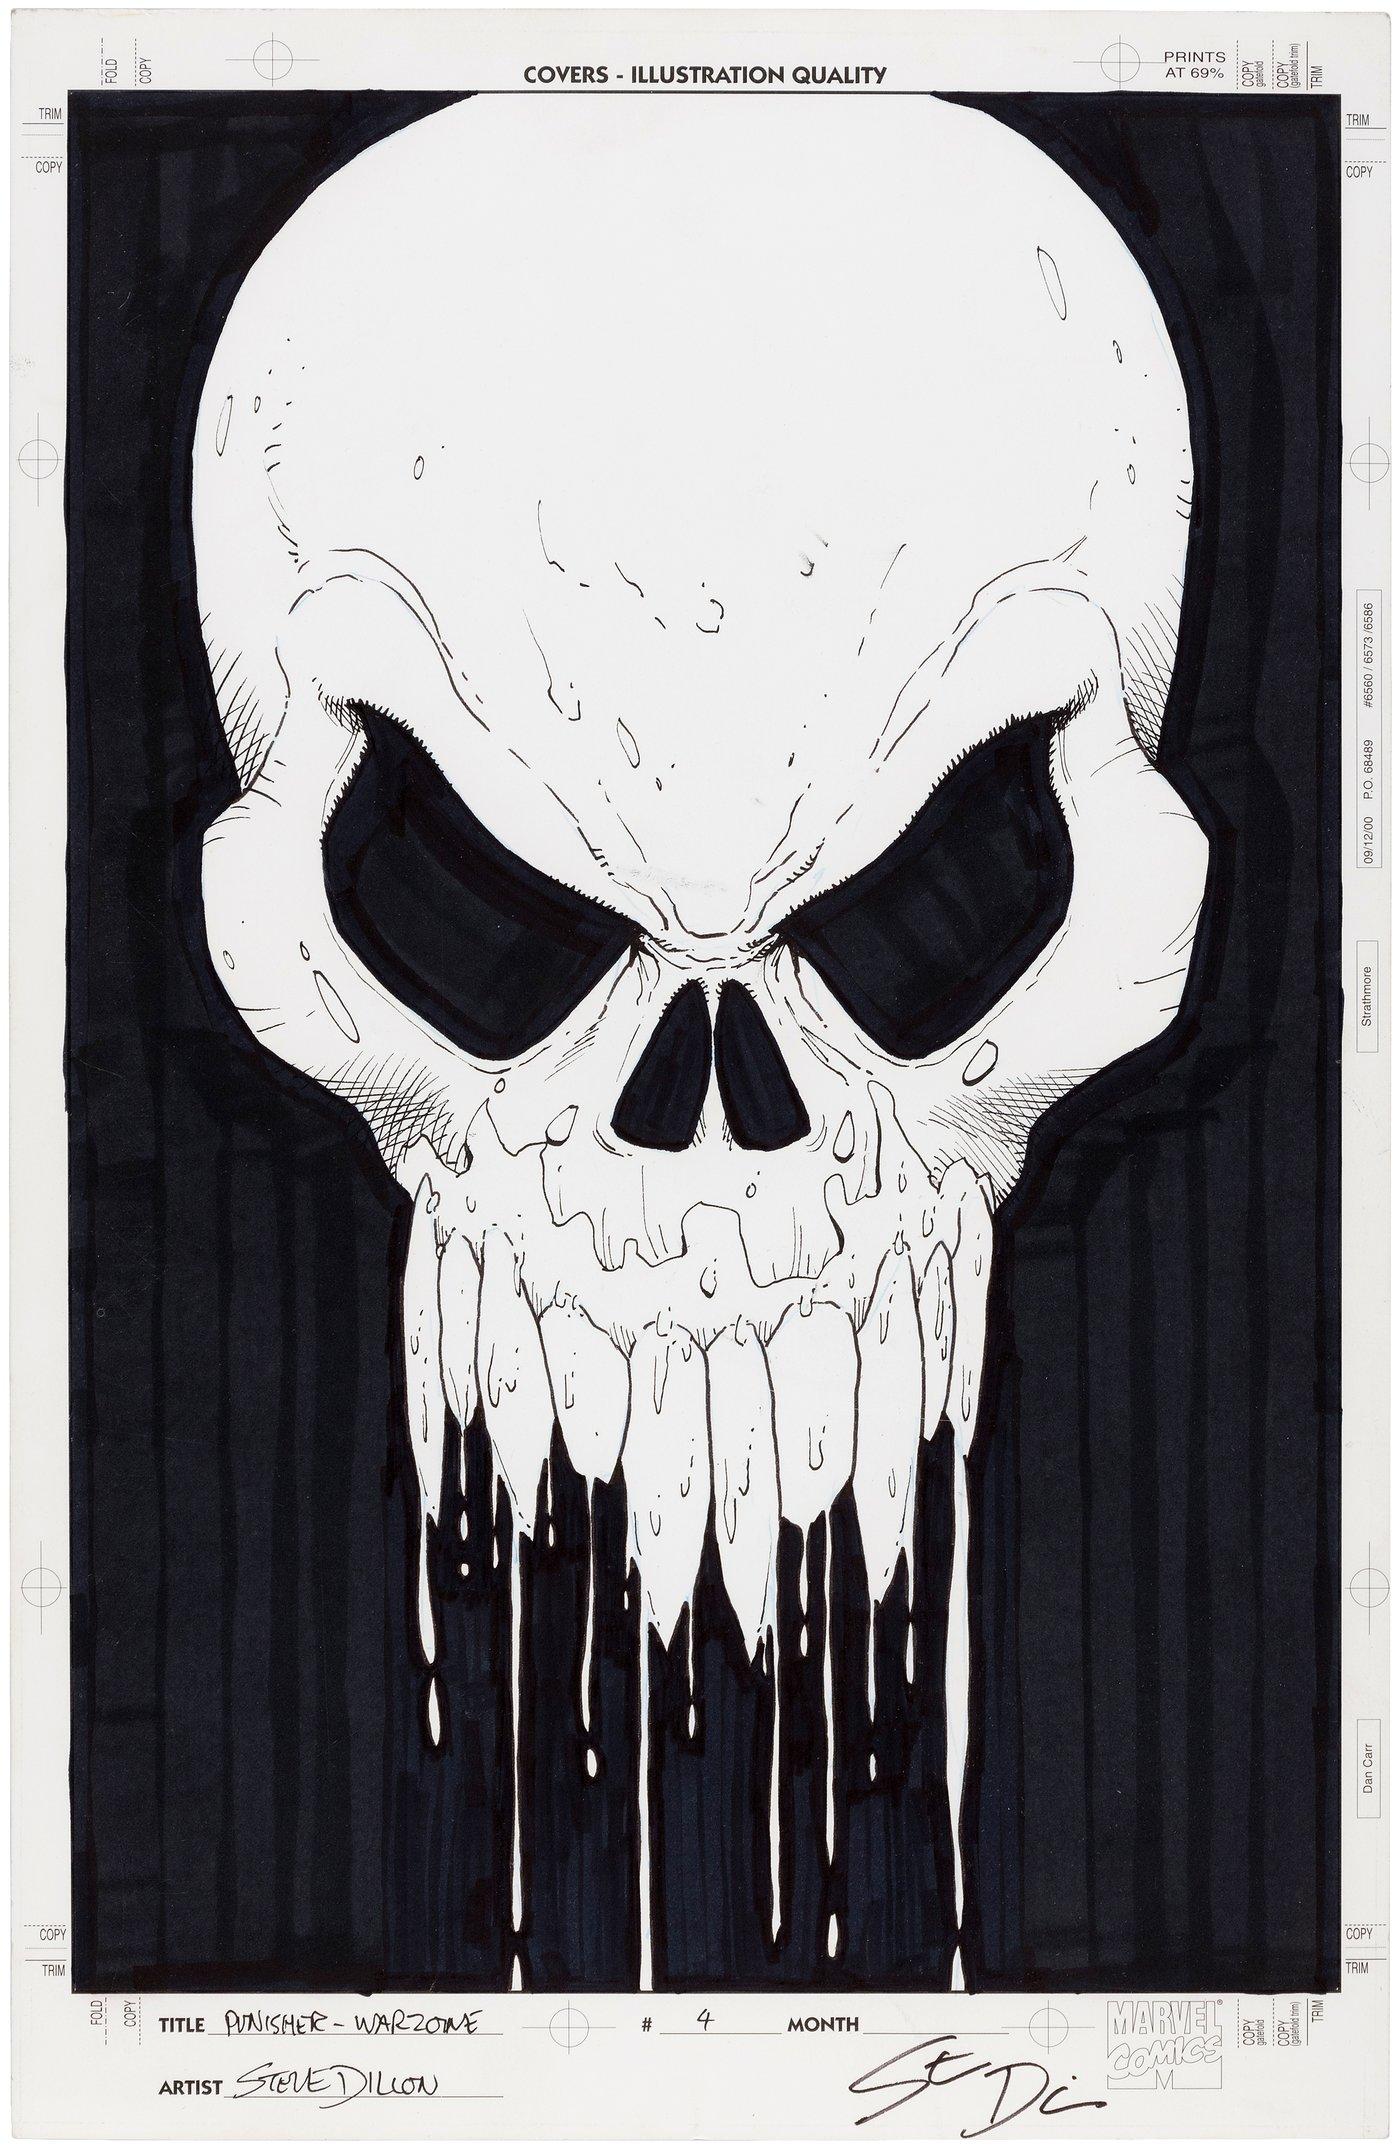 Steve Dillon Art